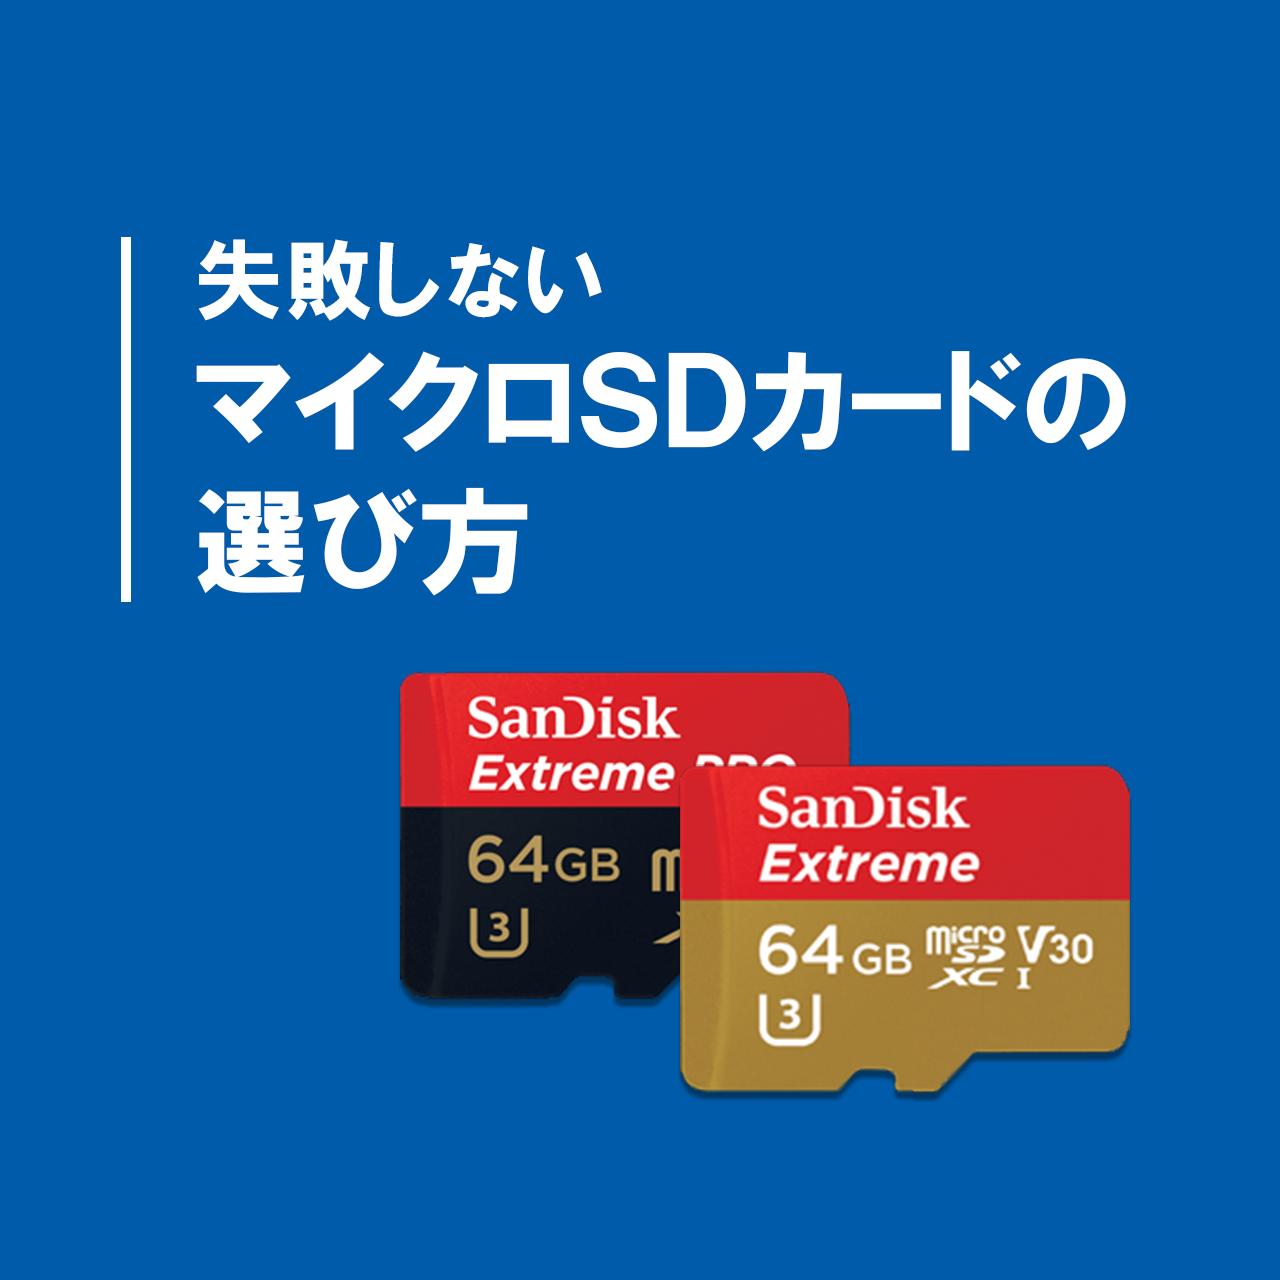 失敗しないマイクロSDカードの選び方